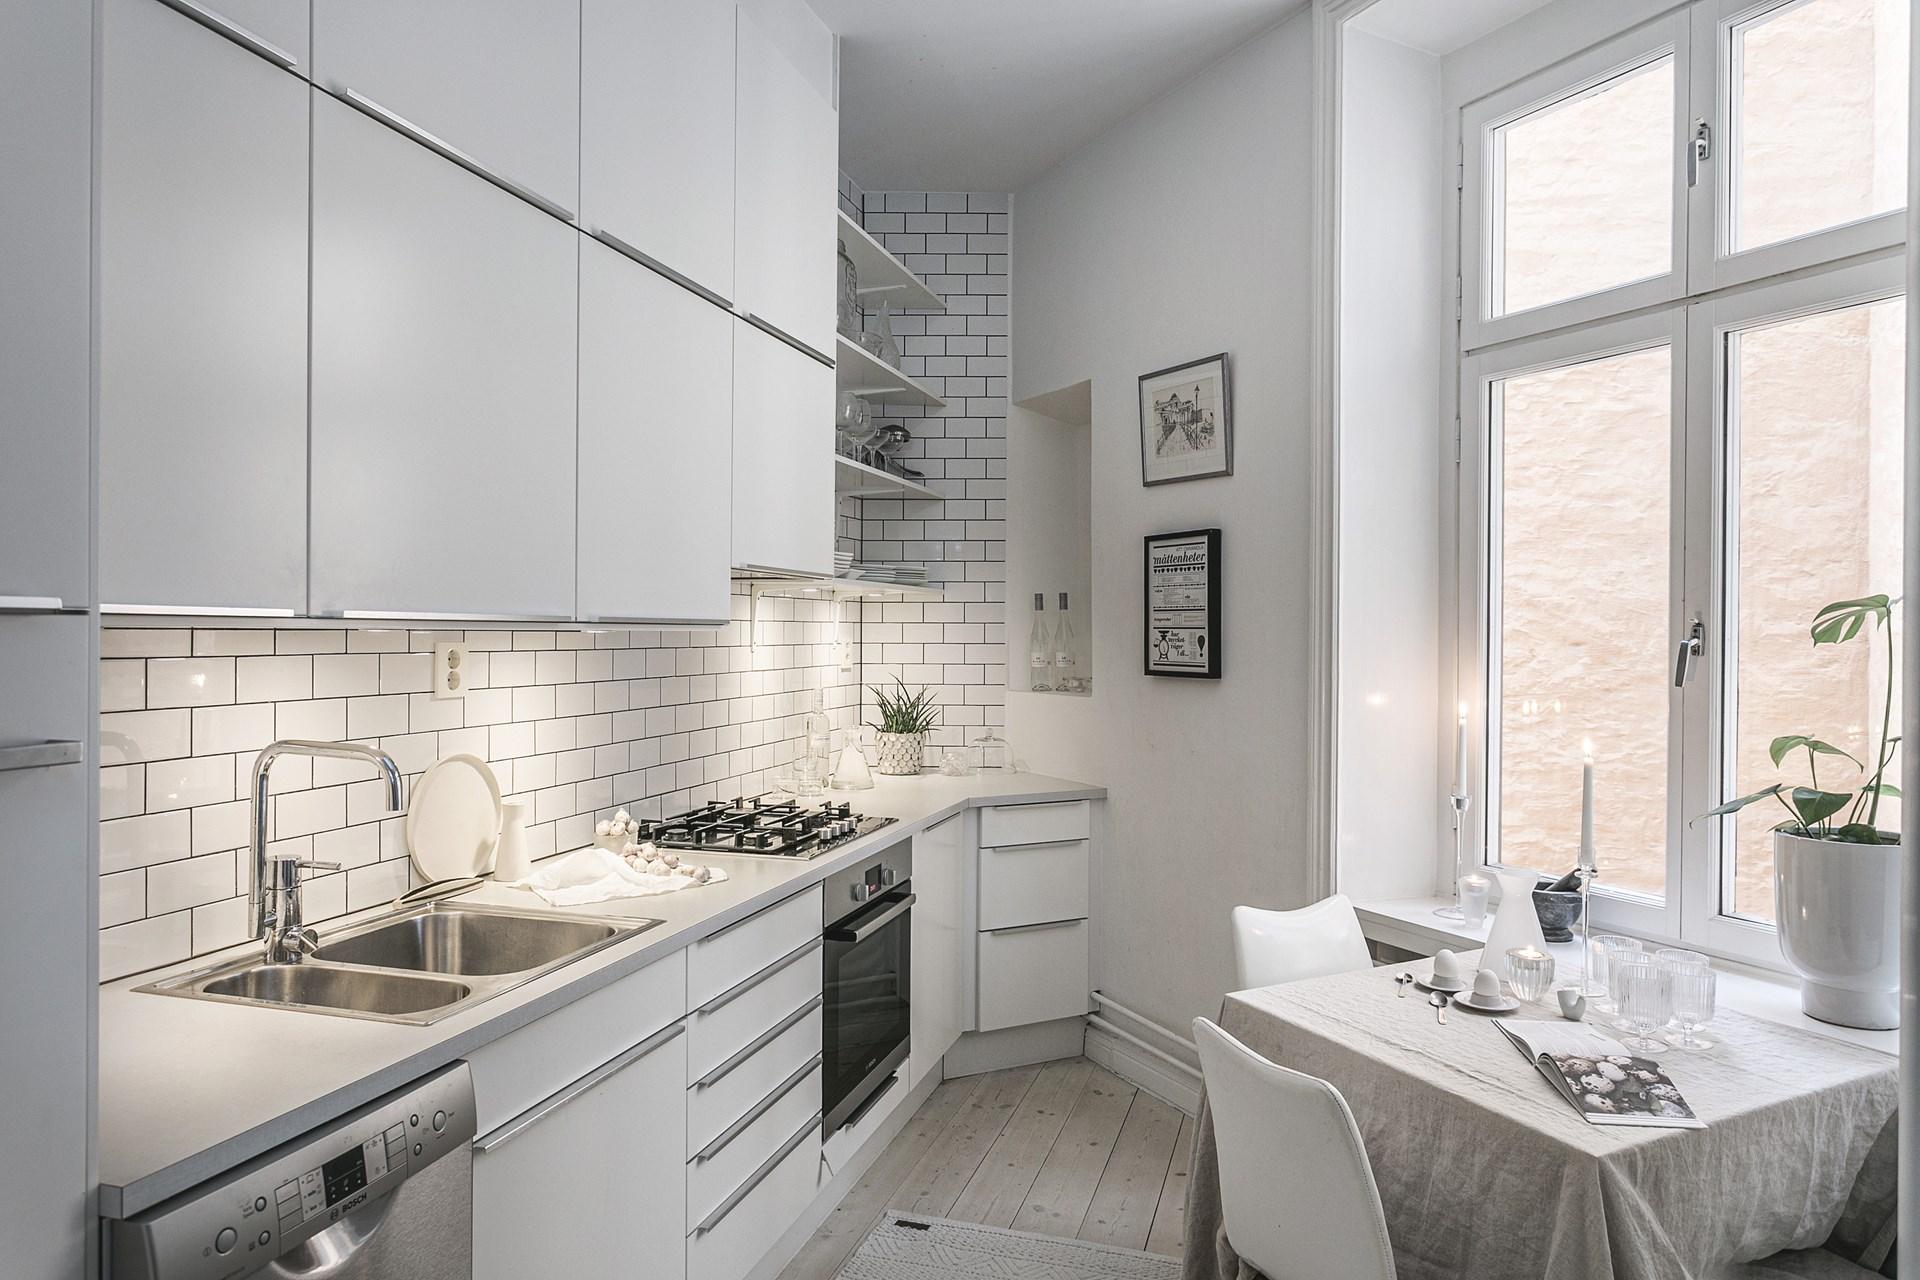 квартира 89 квм кухня окно кухонная мебель